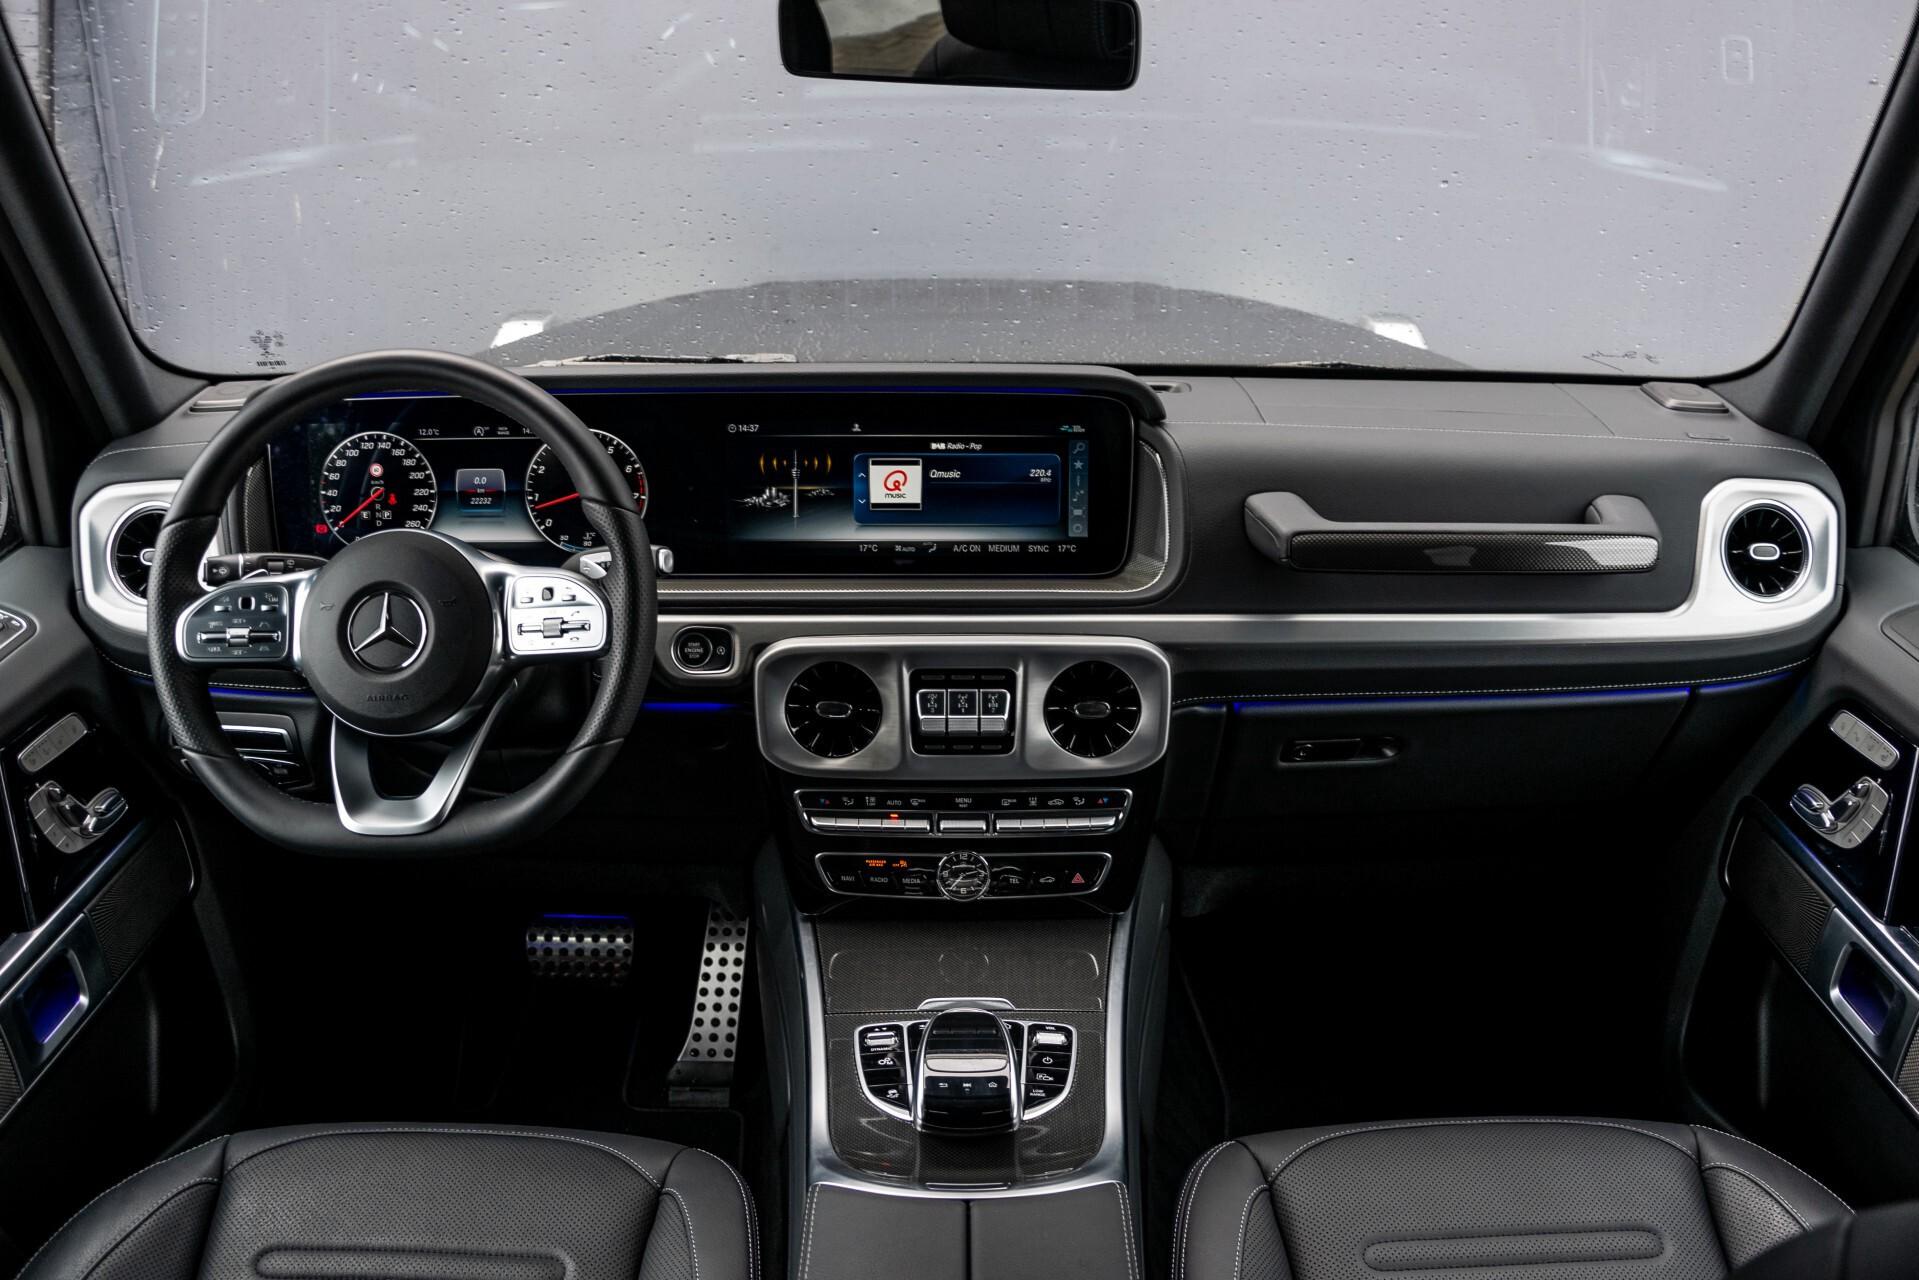 Mercedes-Benz G-Klasse 500 AMG Massage/Entertainment/Manufaktur/Standkachel/Distronic/RVS Aut9 Foto 8